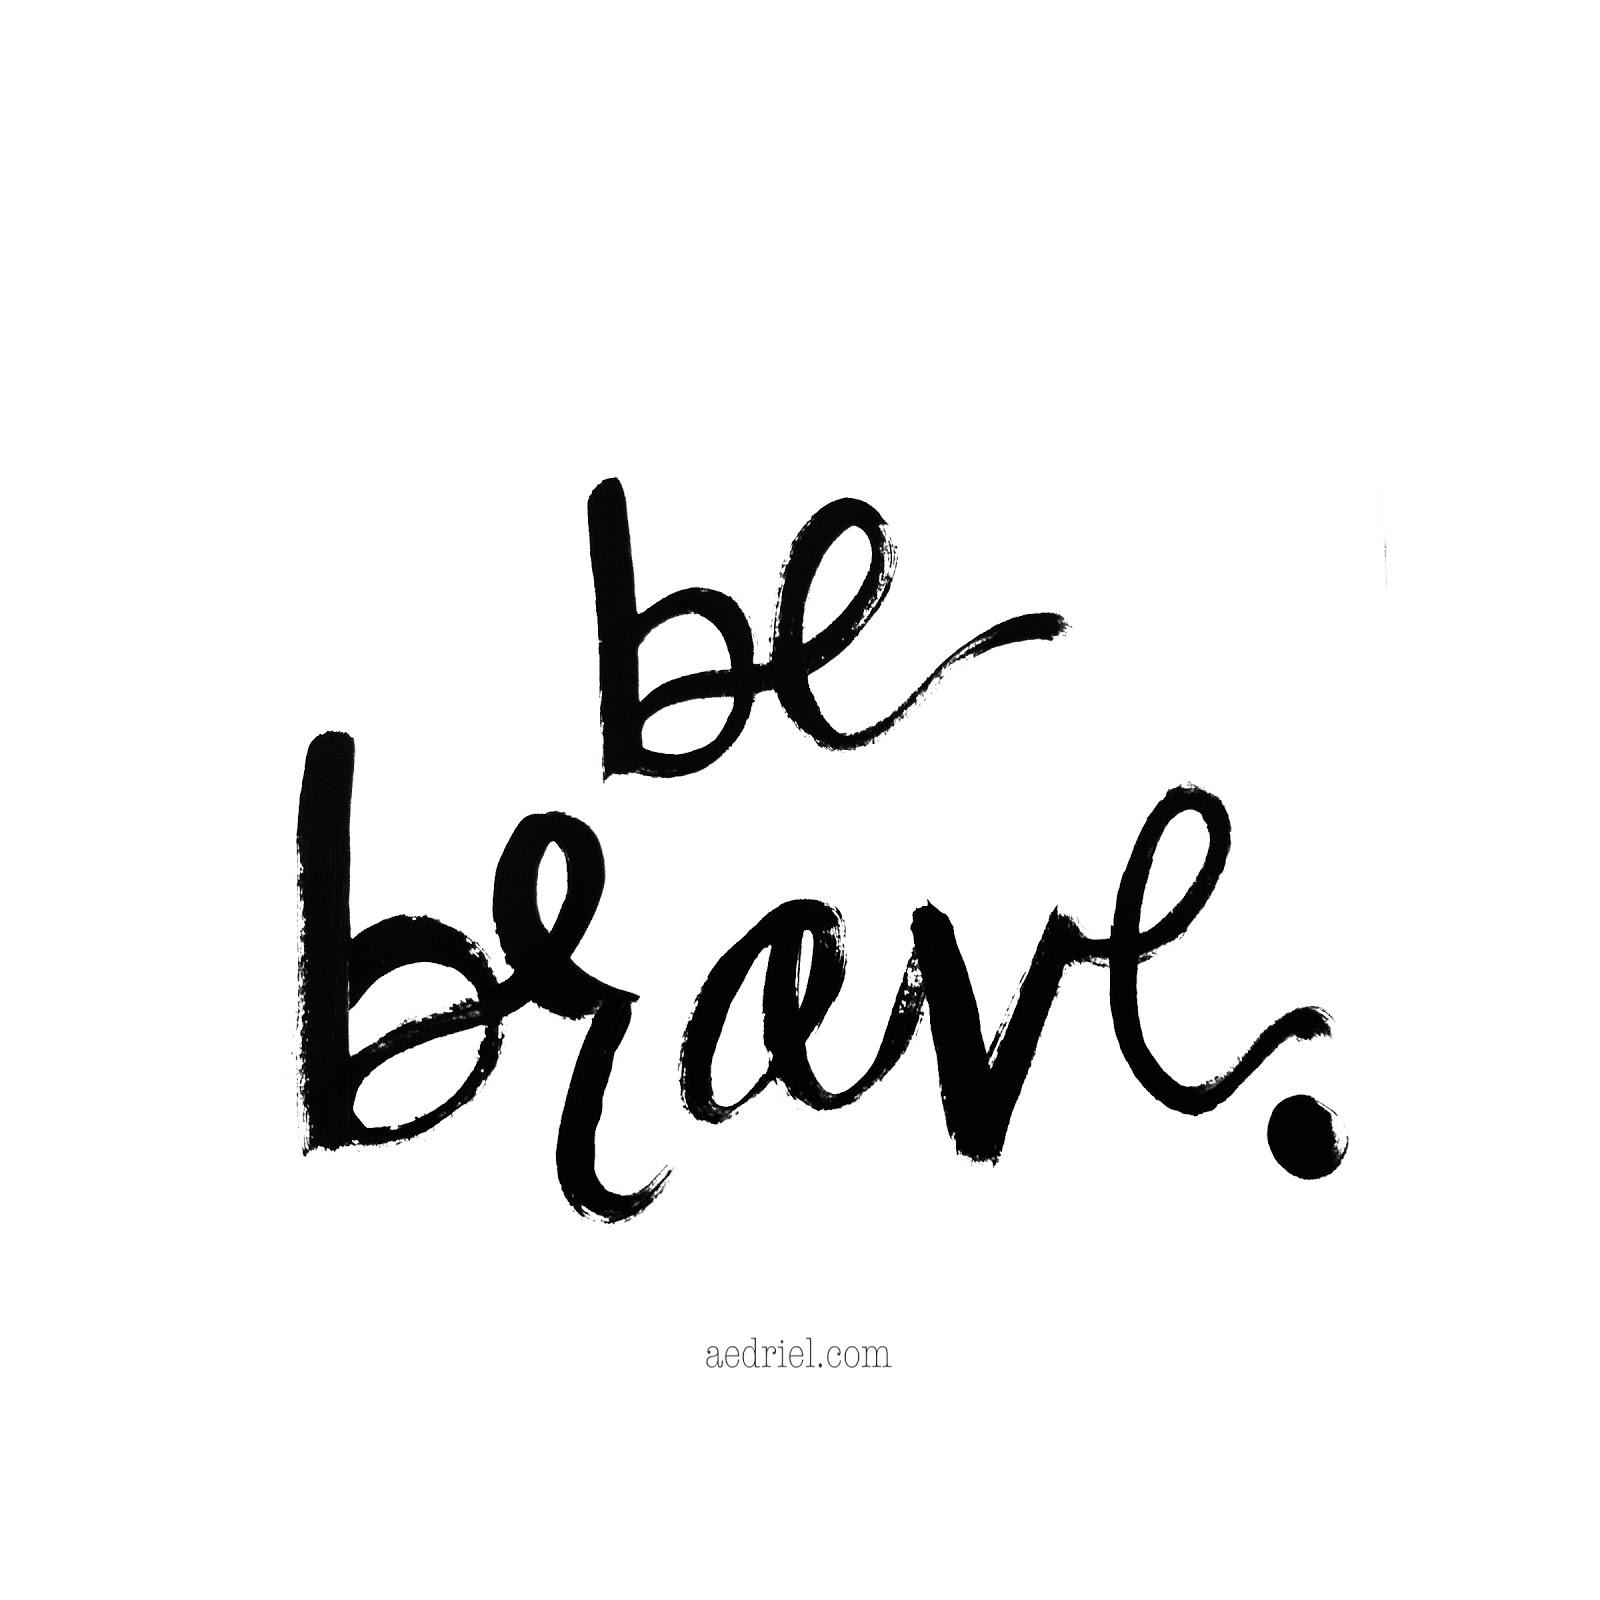 shop tobe brave